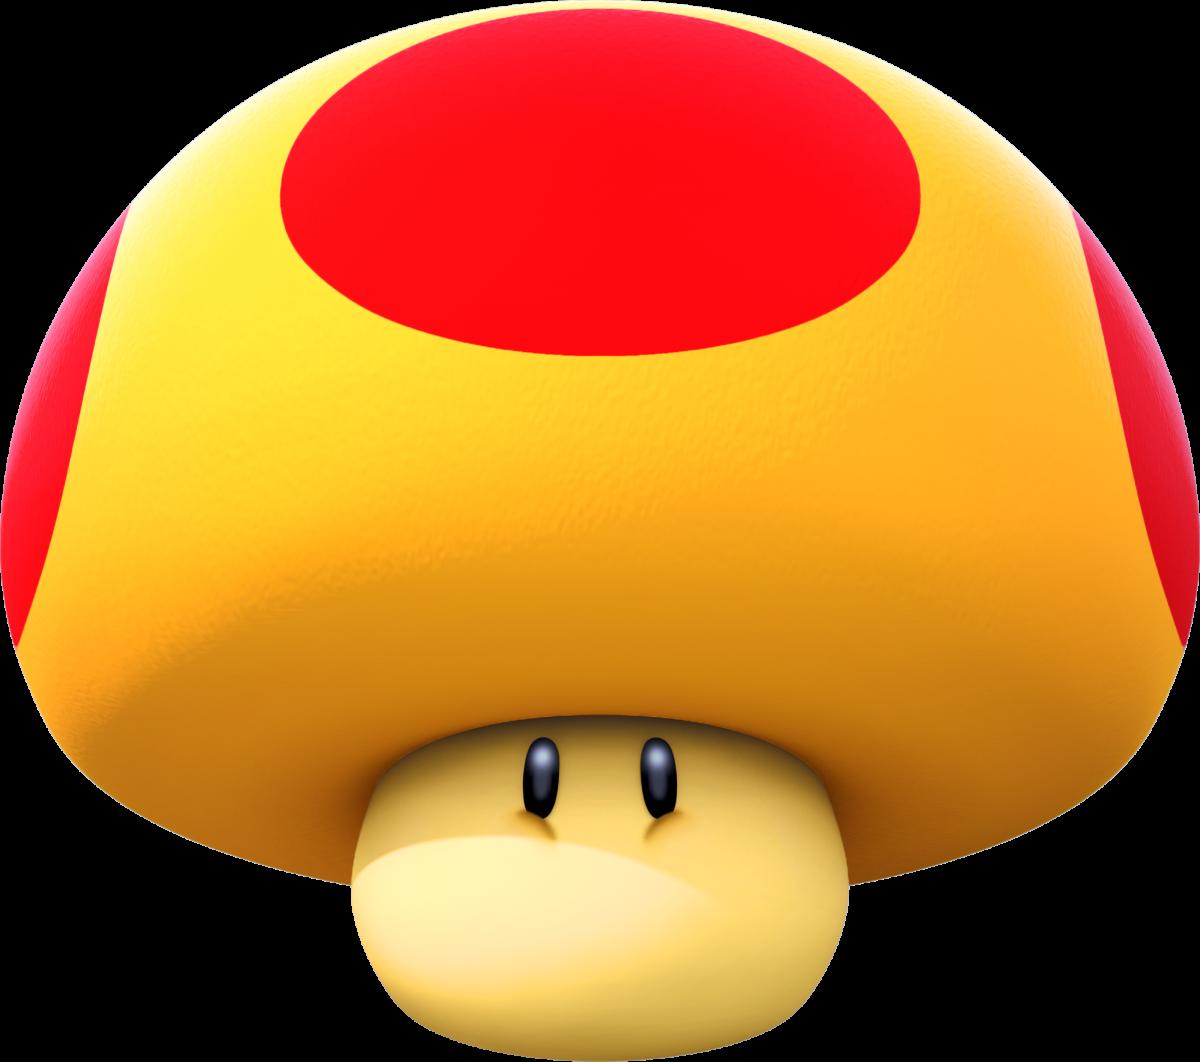 A Mega Mushroom in Mario Kart